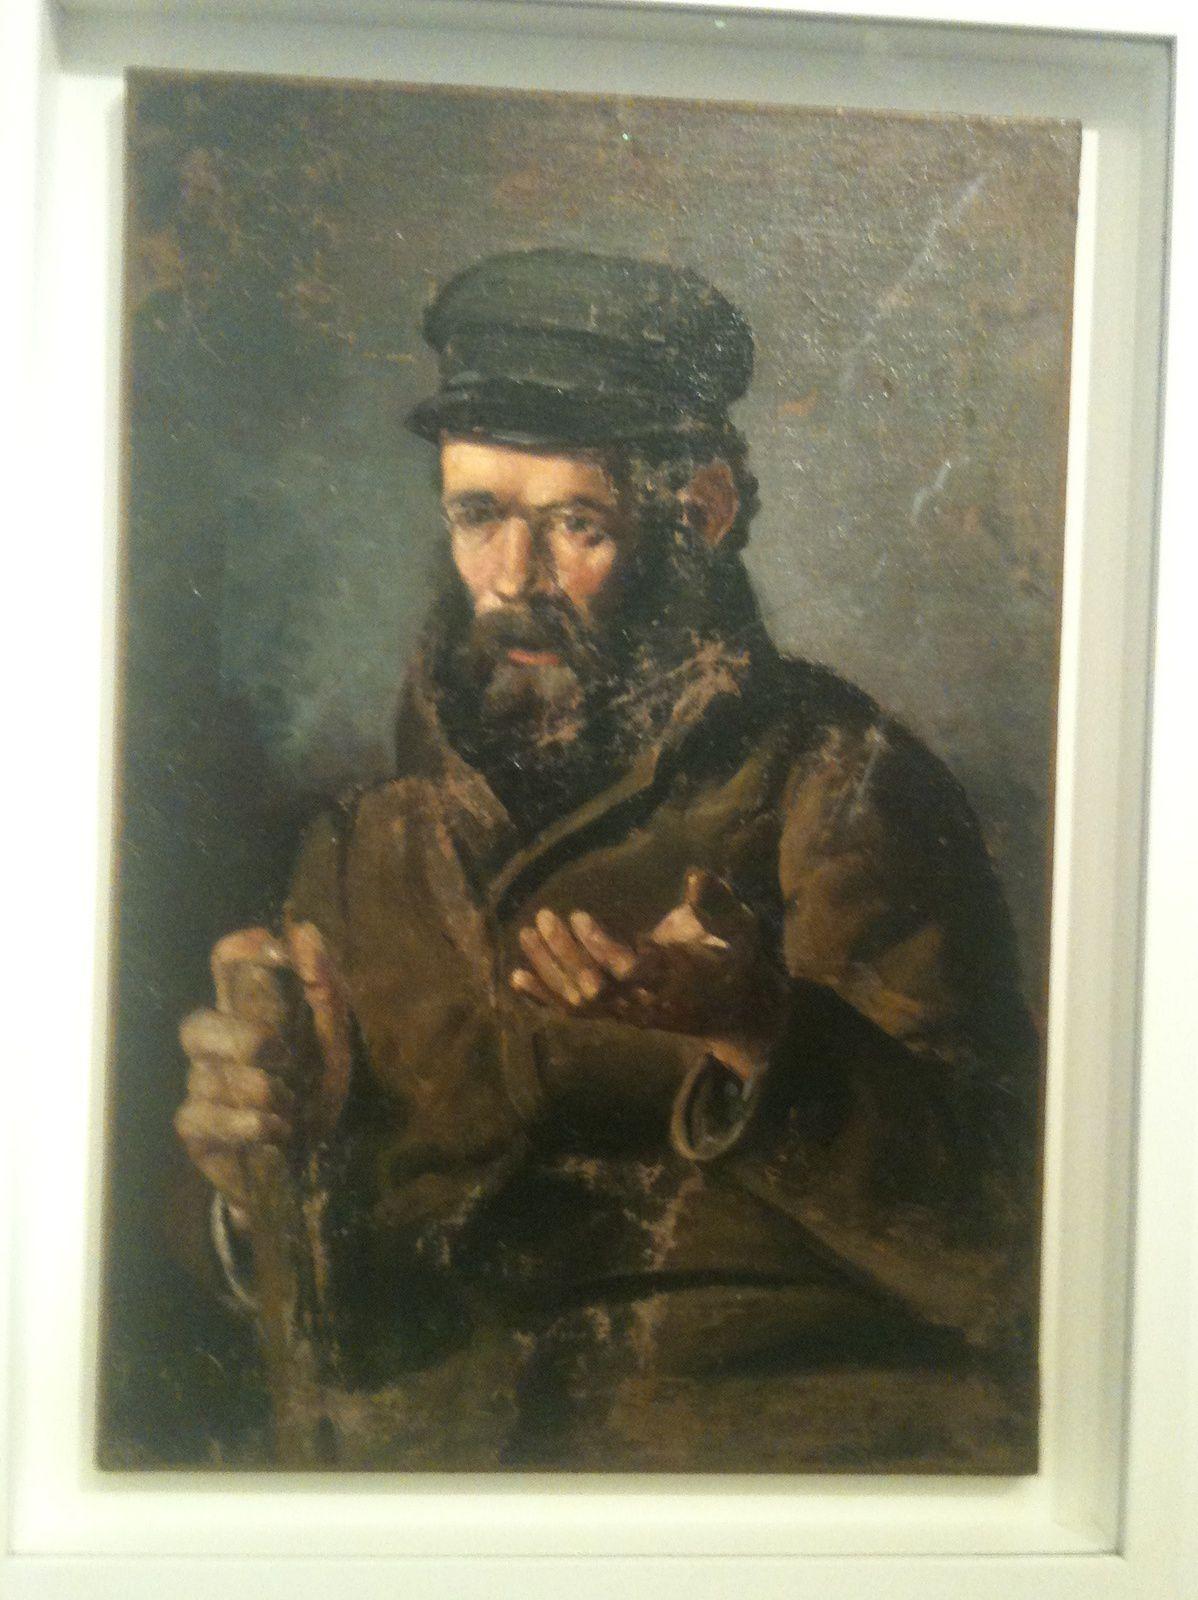 L'homme à la casquette 1895.